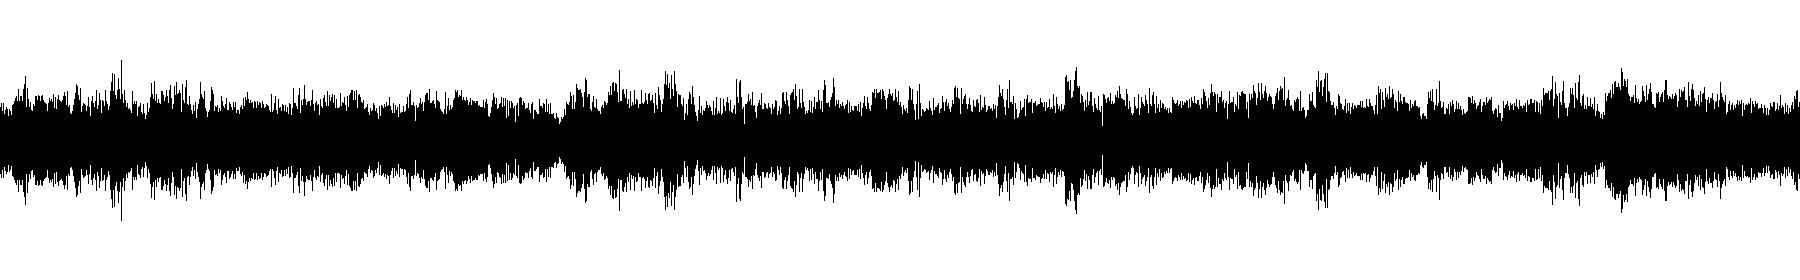 127 c glitchtextchrd sp 01